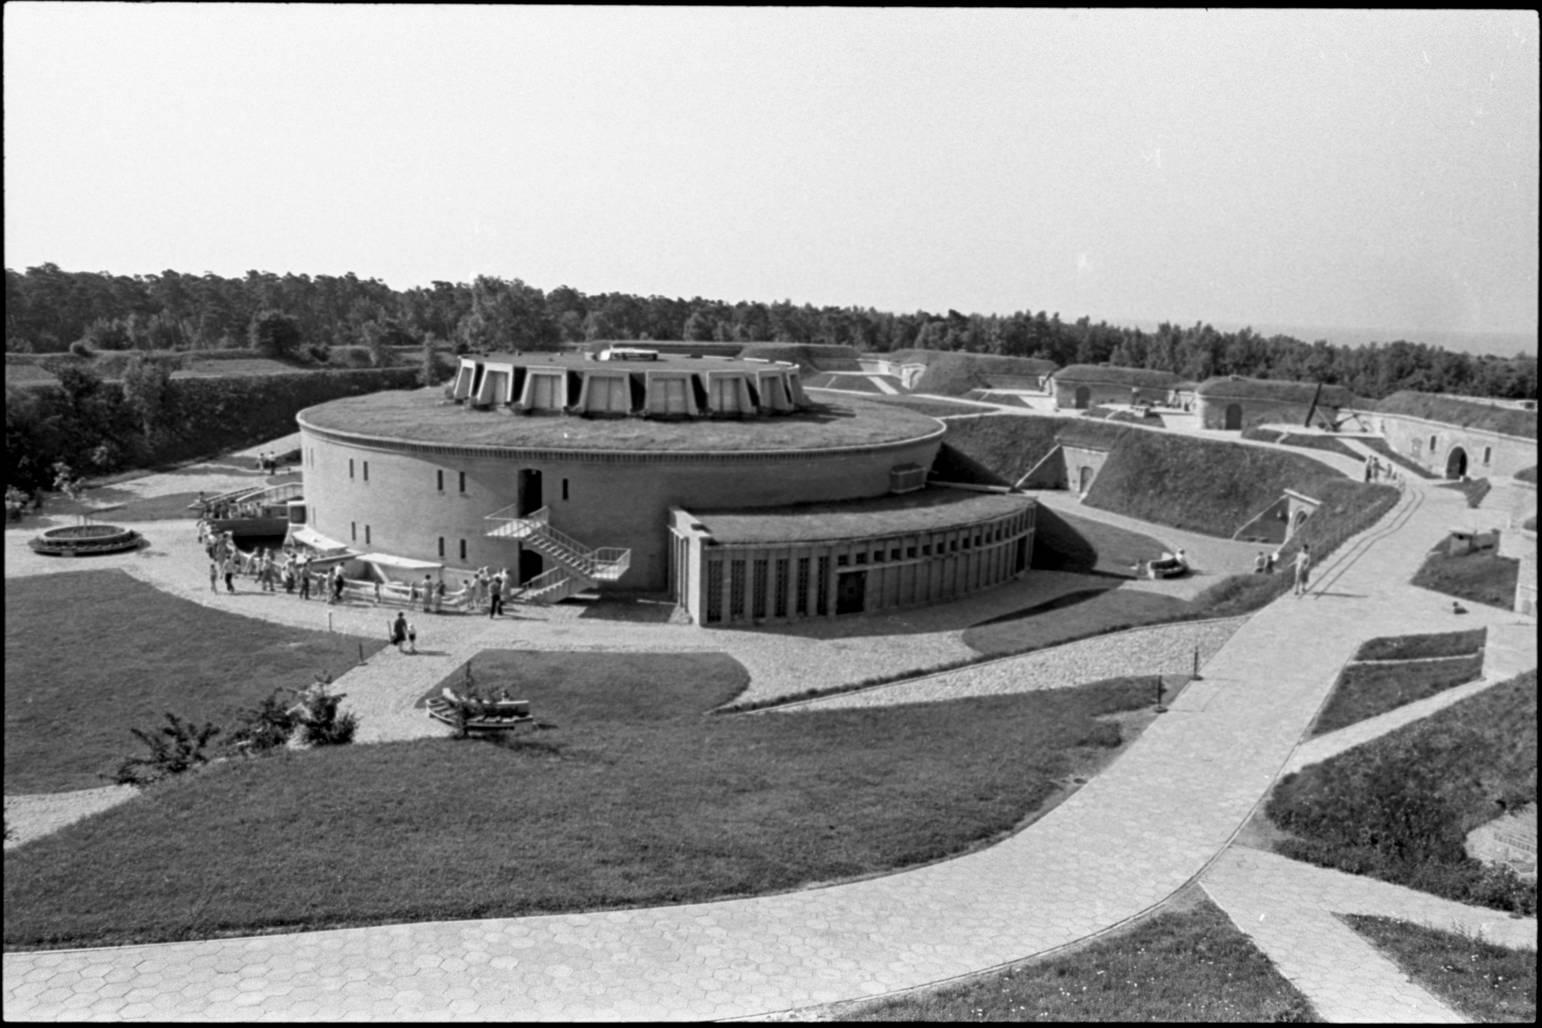 Klaipėdos jūrų muziejus. Smiltynė